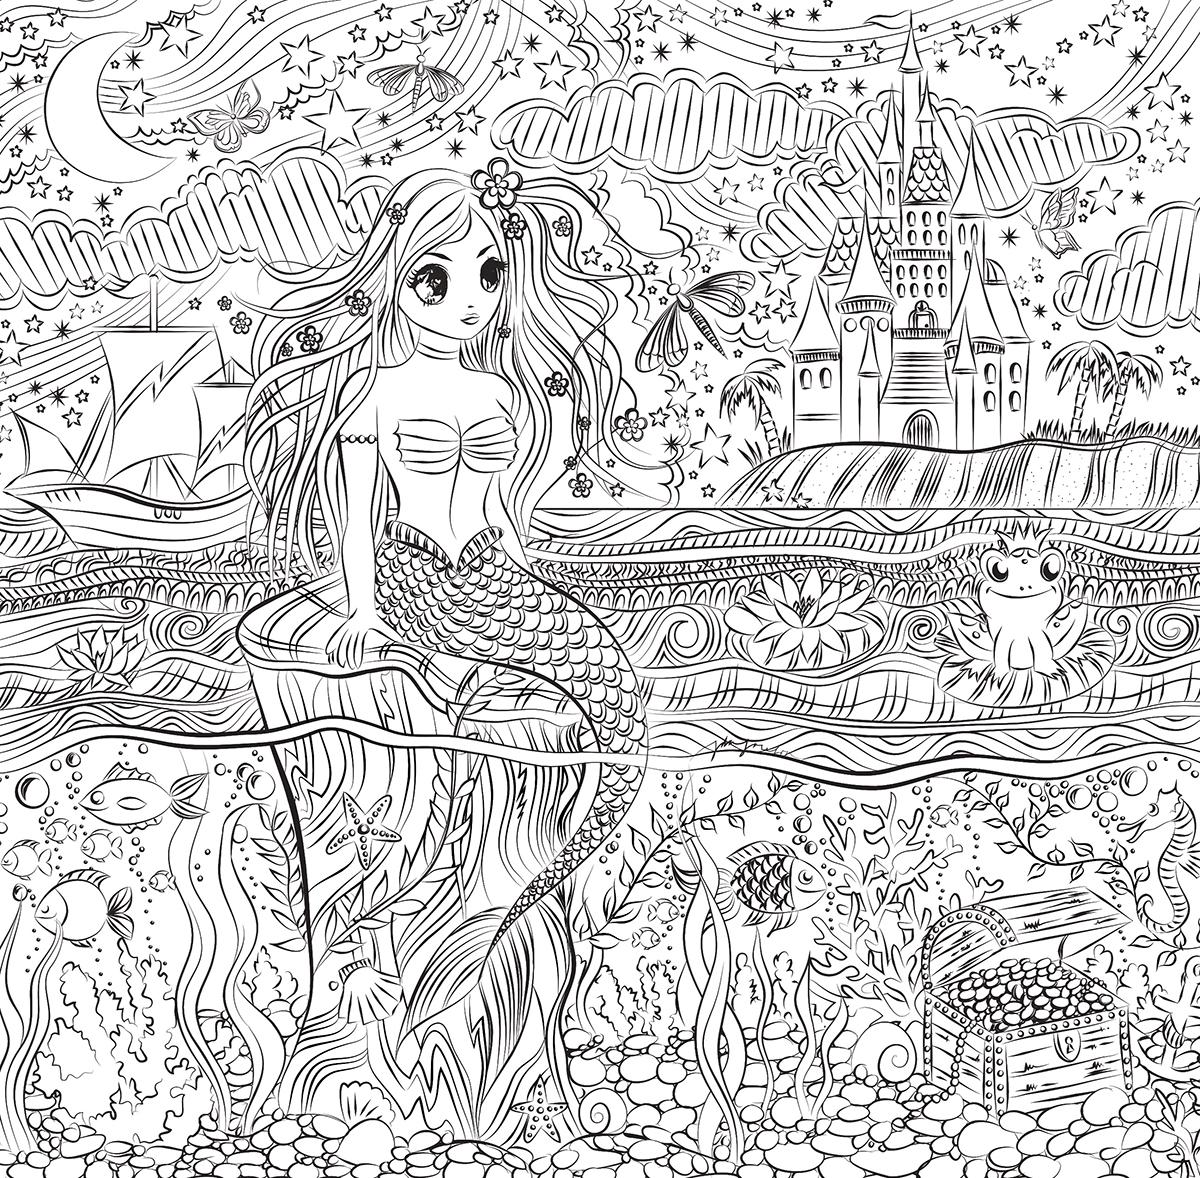 Illustration till målarbok - Sjöjungfru